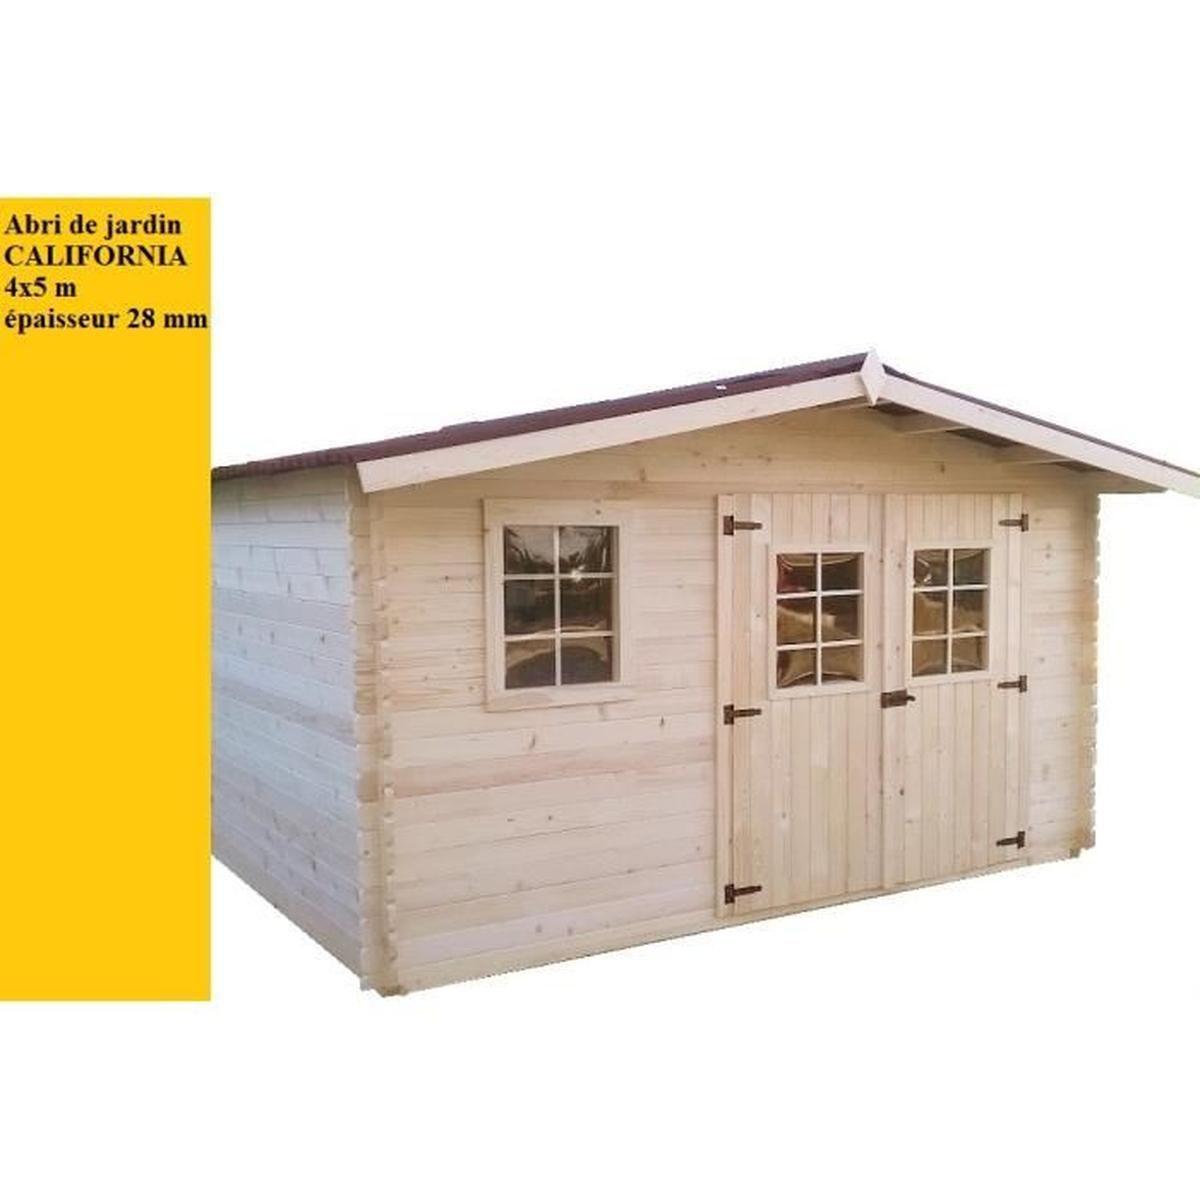 Abri De Jardin Bois 4X5M 20M2 California - Achat / Vente ... intérieur Abri De Jardin Prix Discount